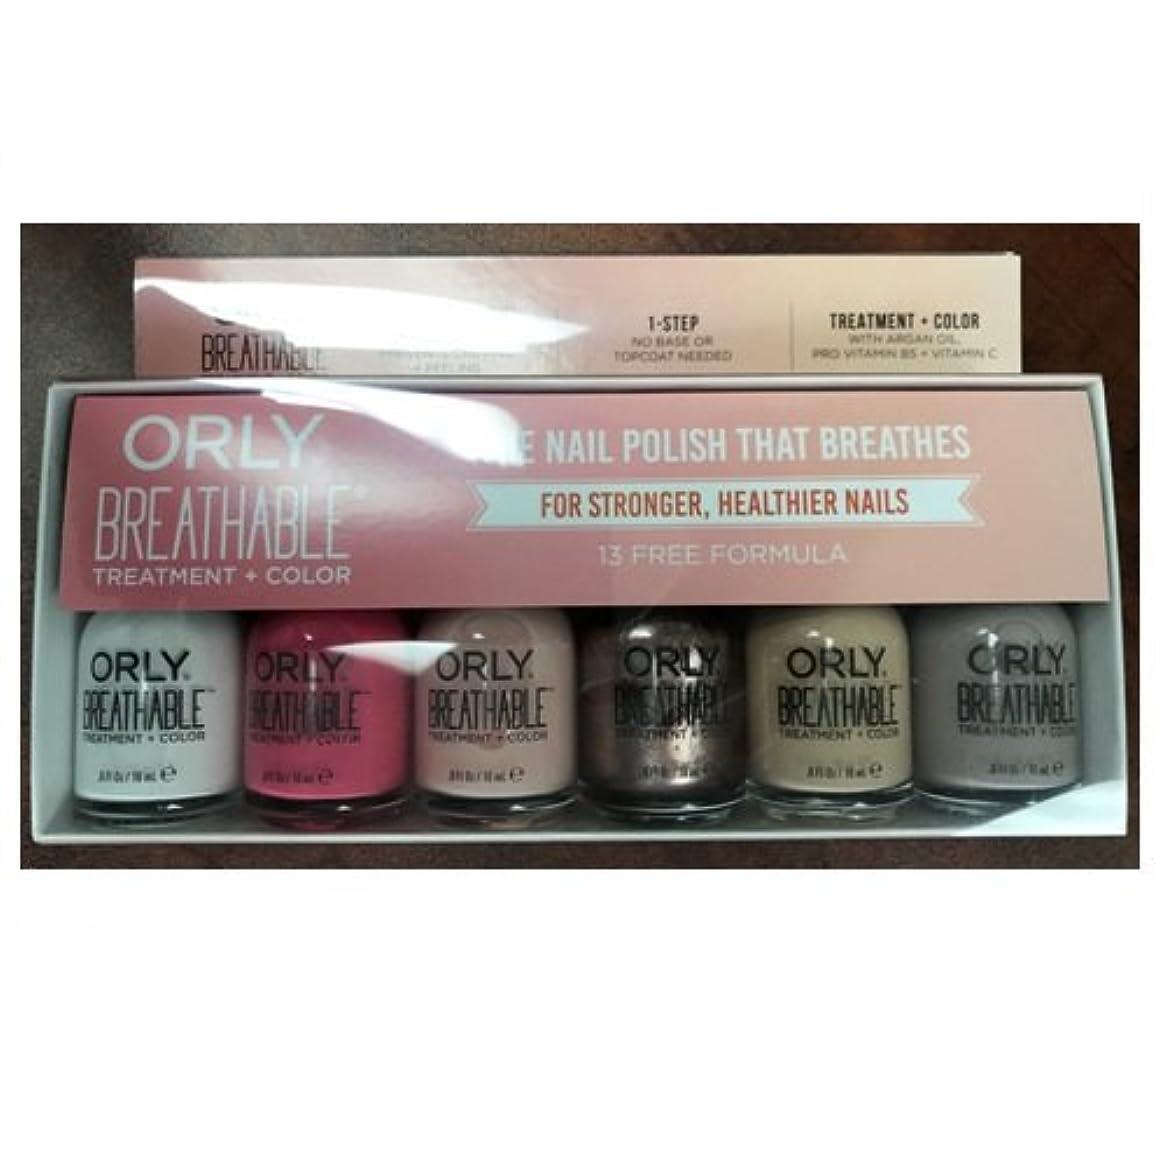 枯渇するレンダースタジアムOrly Breathable Nail Lacquer - Treatment + Color - 6 Piece Kit #2 - 18ml / 0.6oz Each